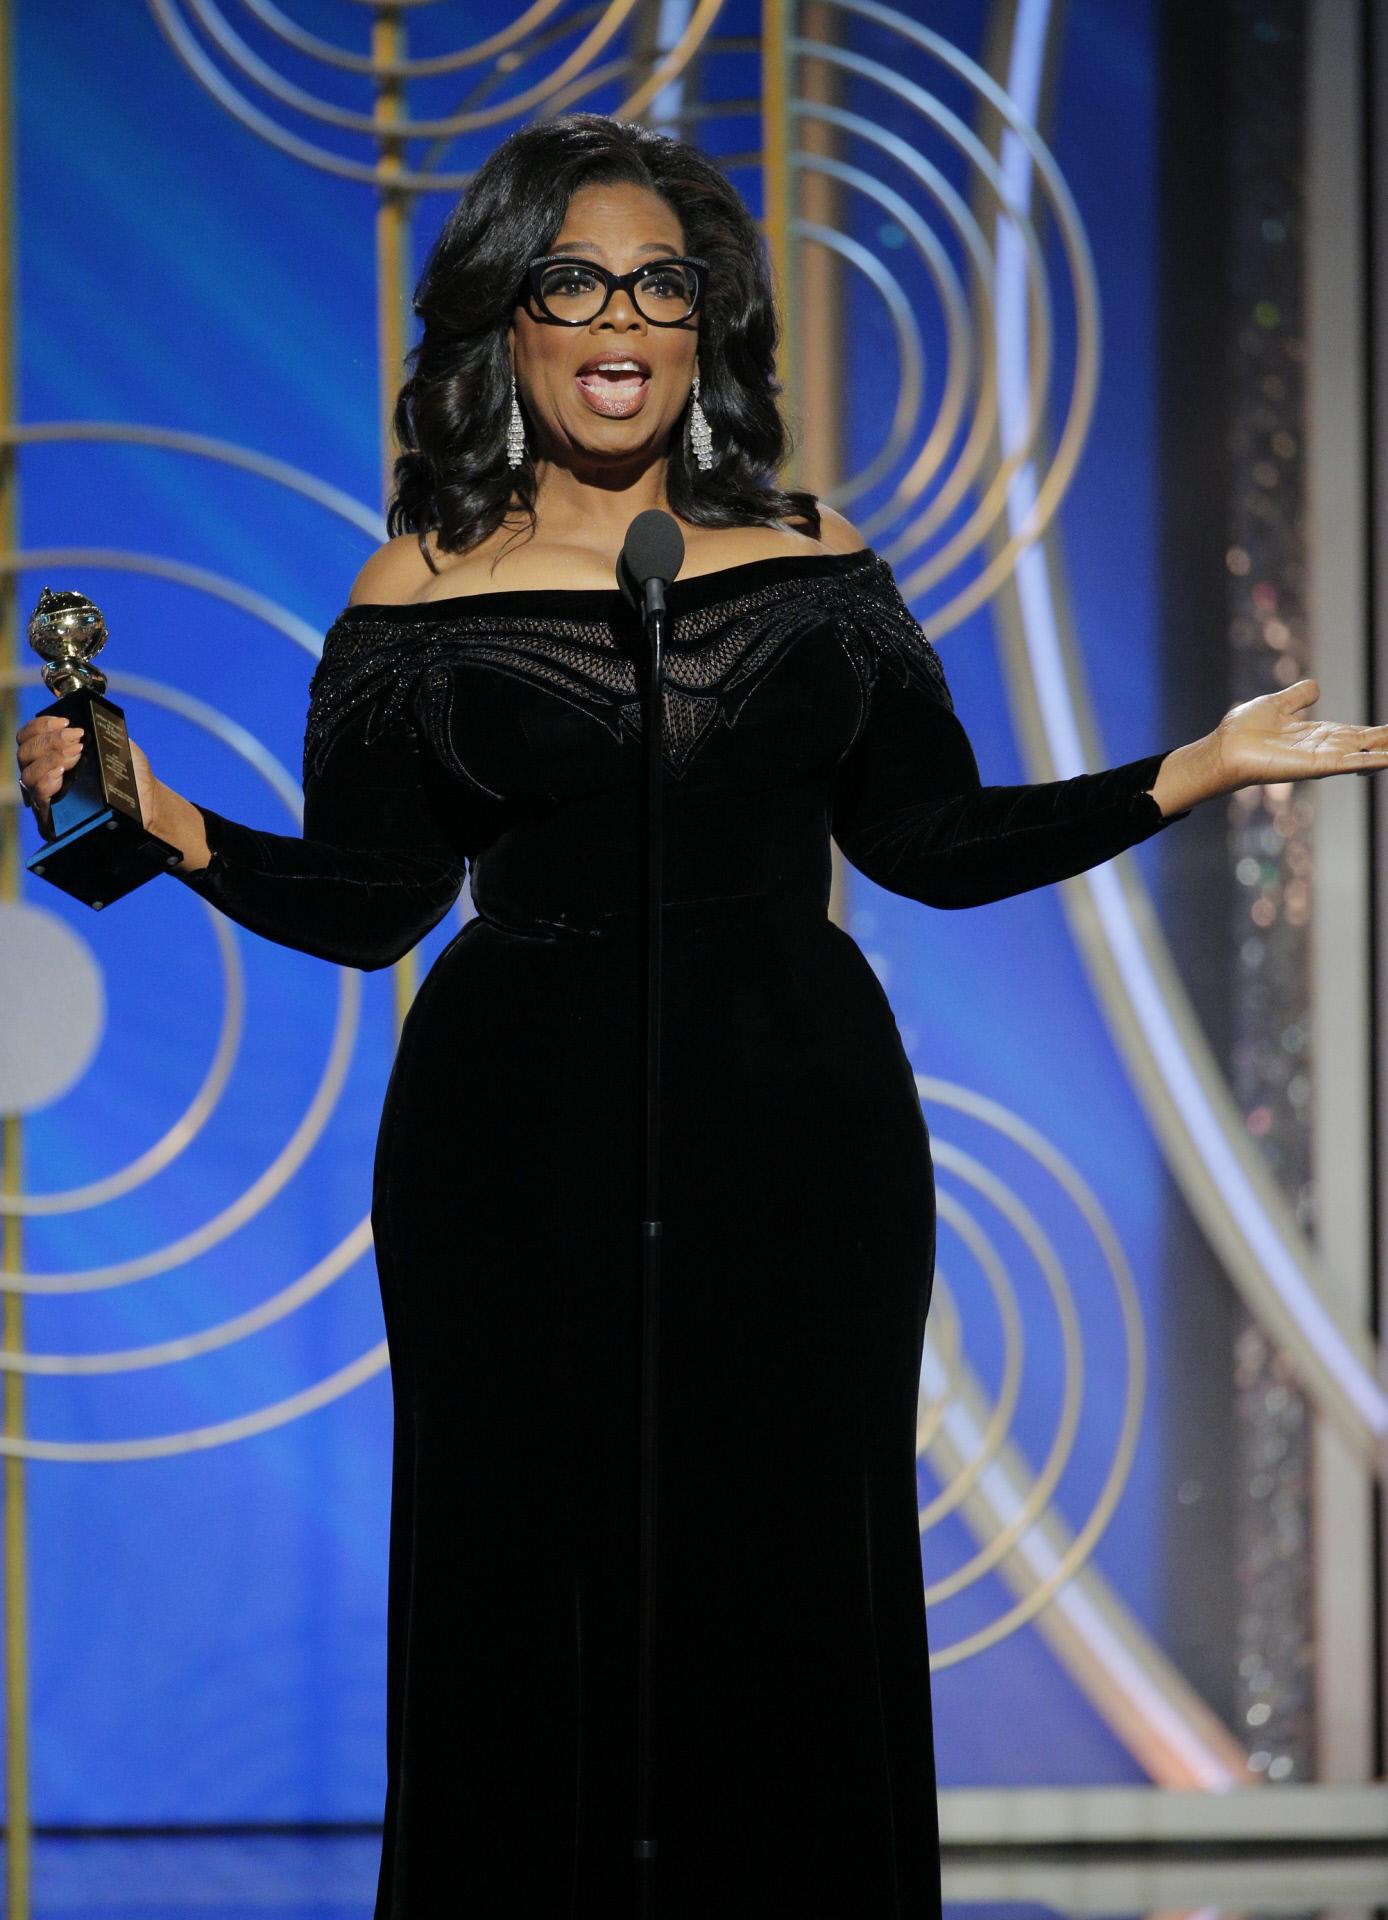 El discurso de Oprah Winfrey la postula incluso como próxima...